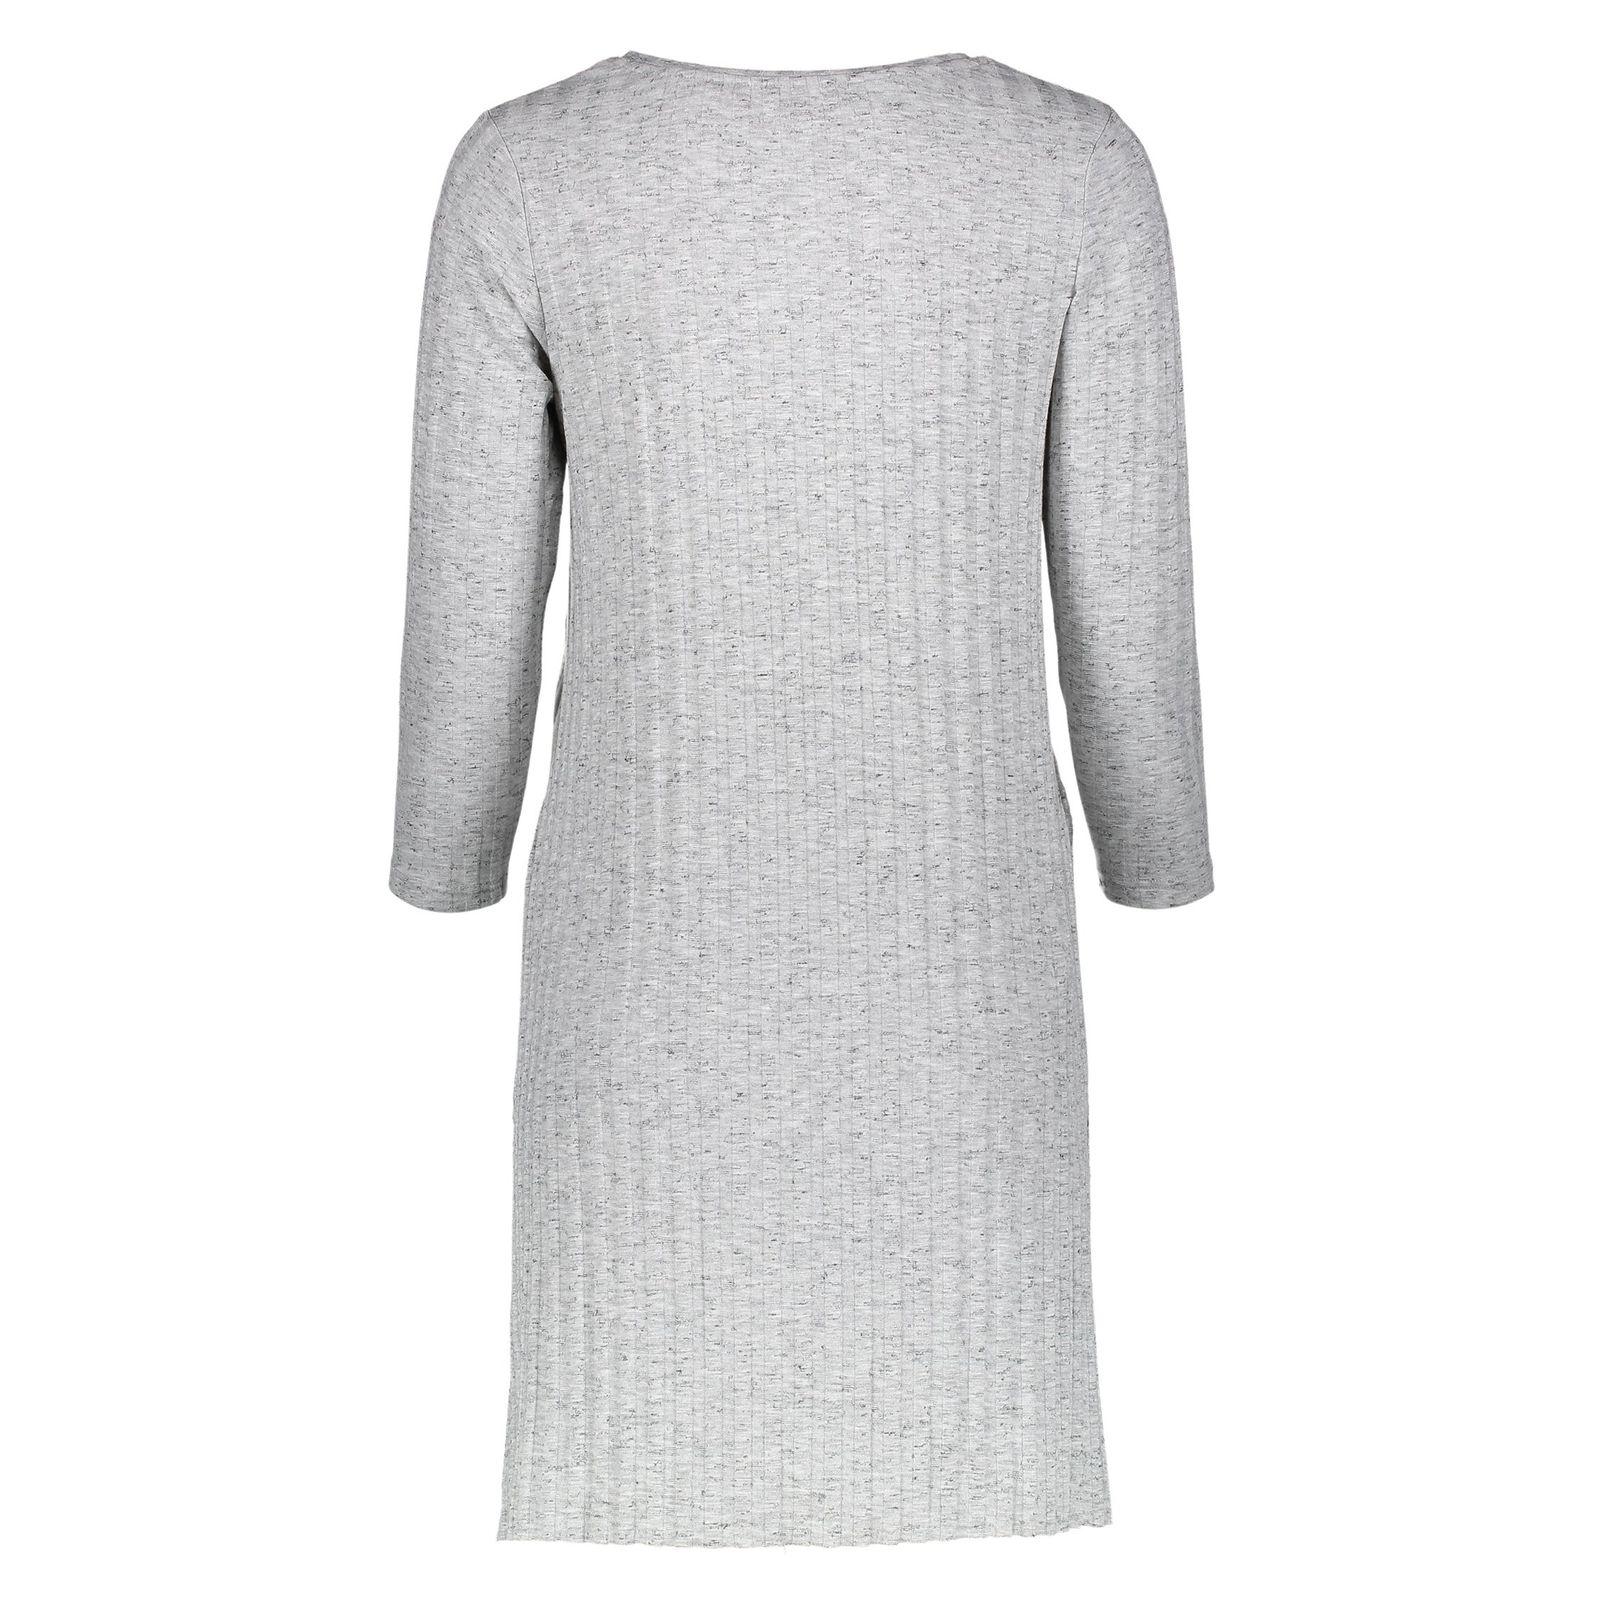 تی شرت یقه گرد زنانه - جنیفر - طوسي ملانژ - 2